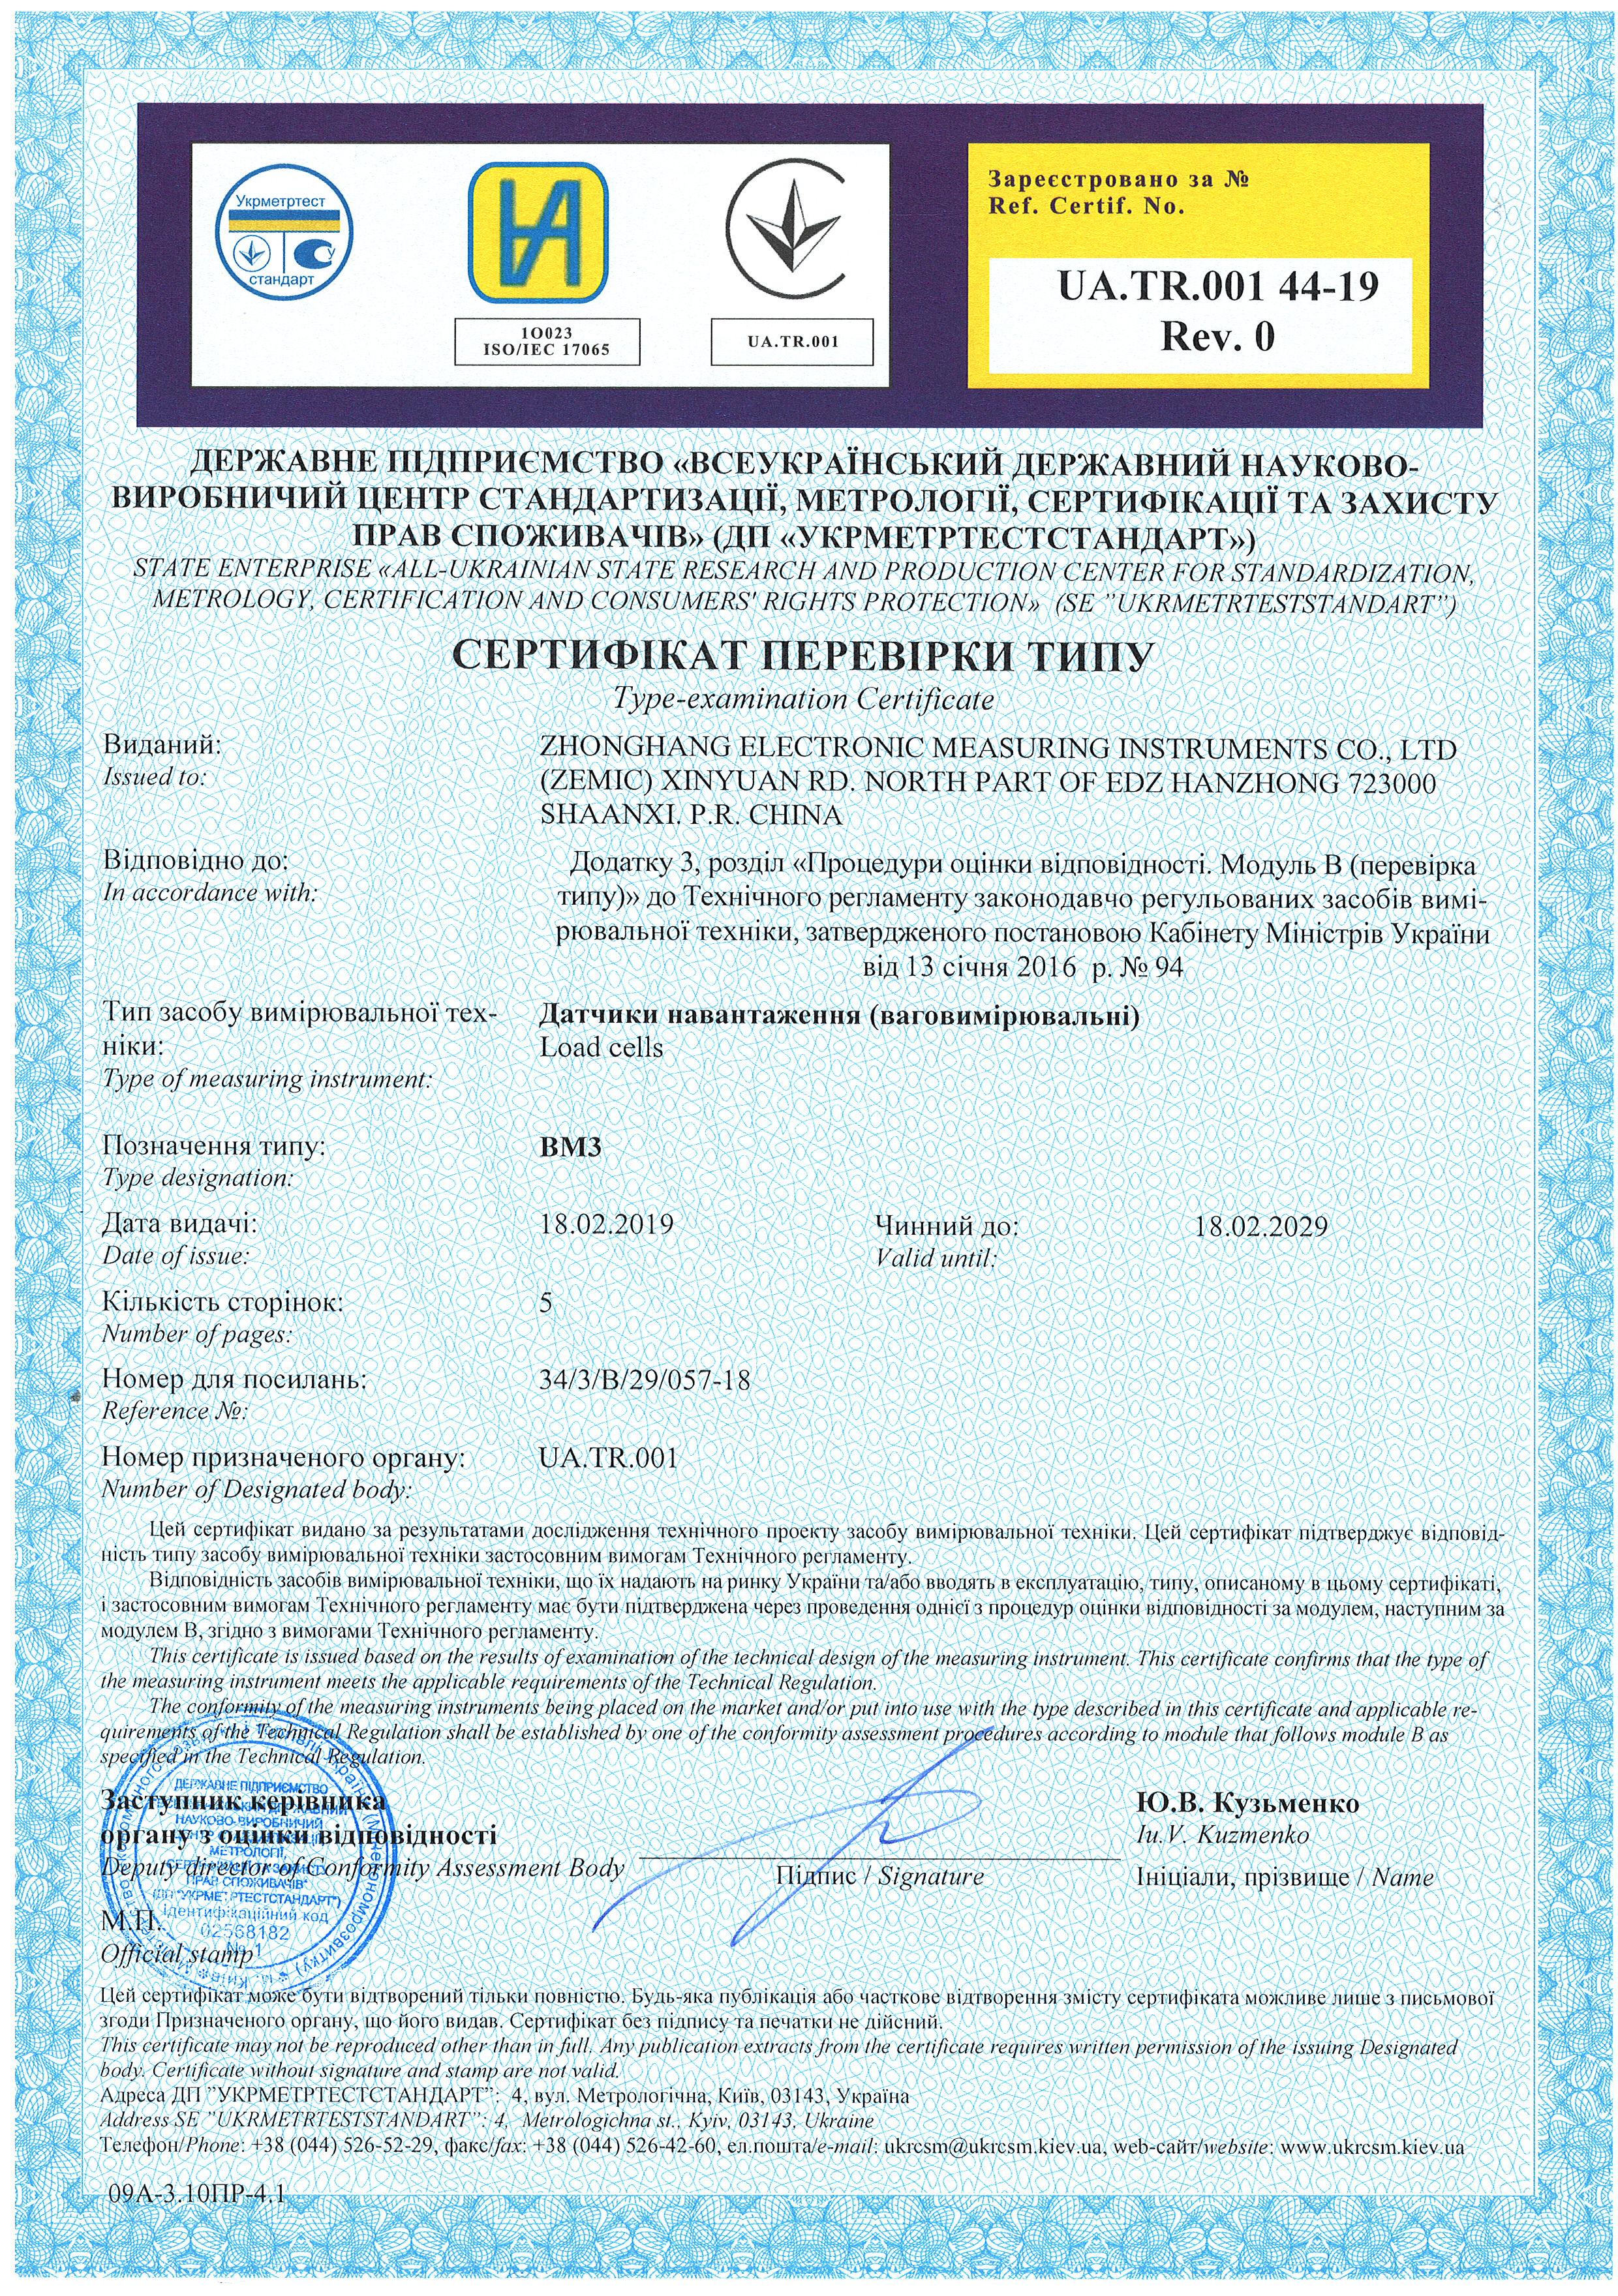 Сертификат Украины ZEMIC BM3